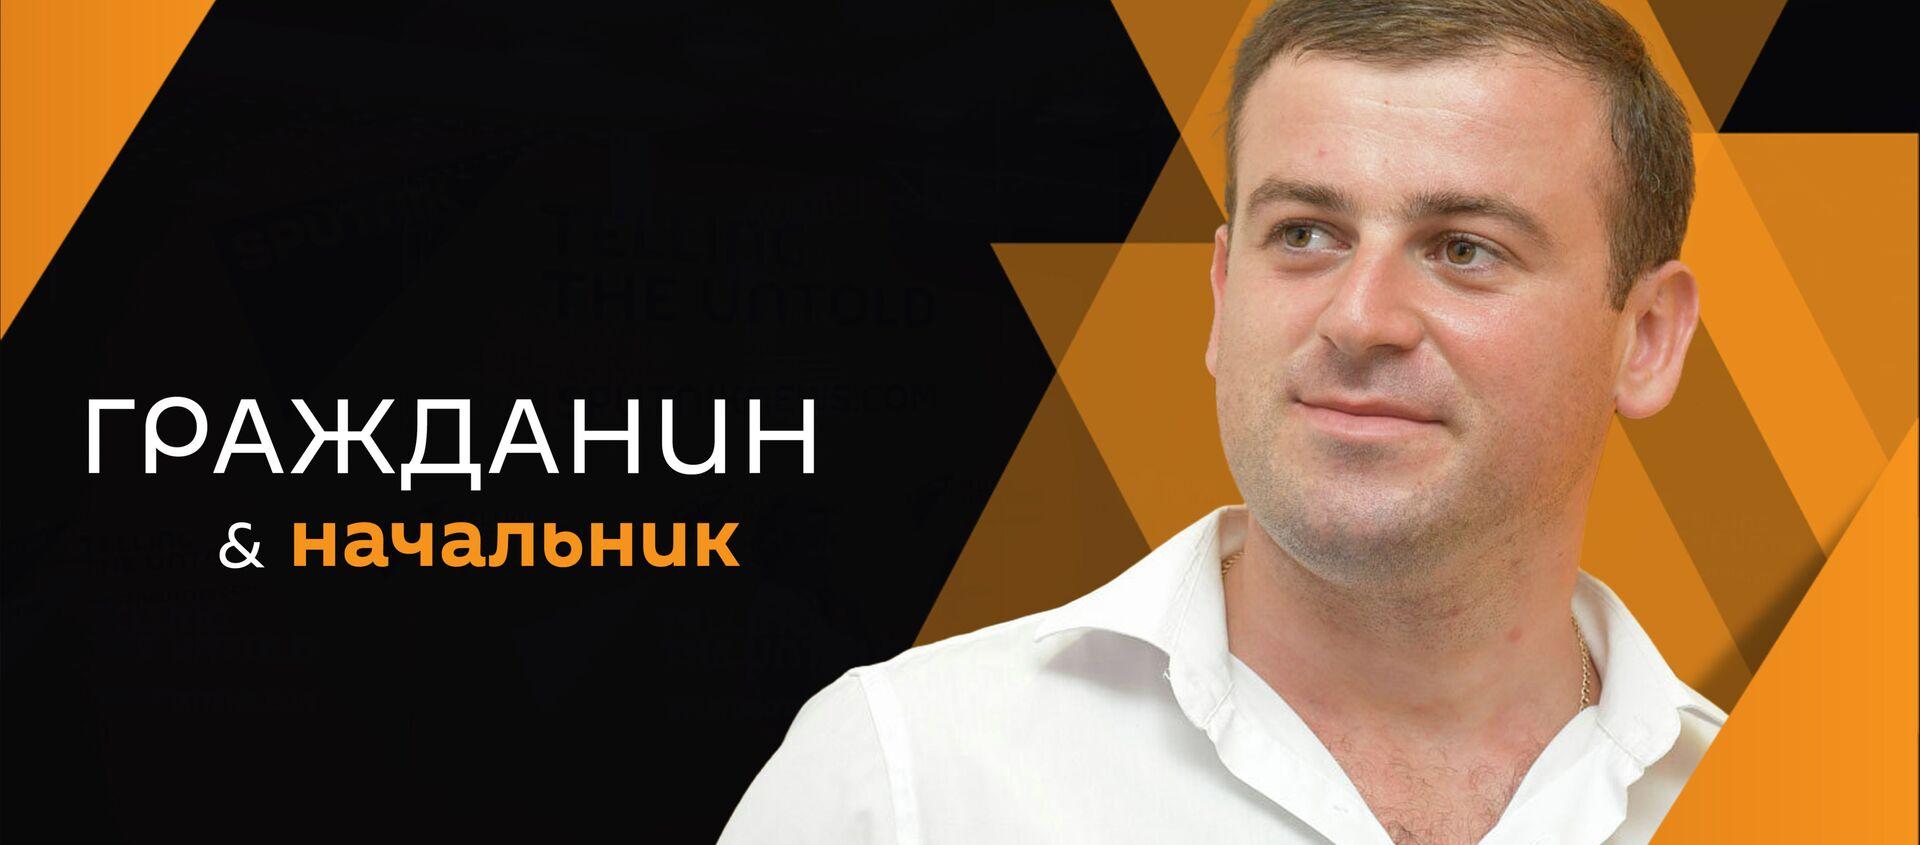 Георгий Габуния - Sputnik Абхазия, 1920, 12.07.2021